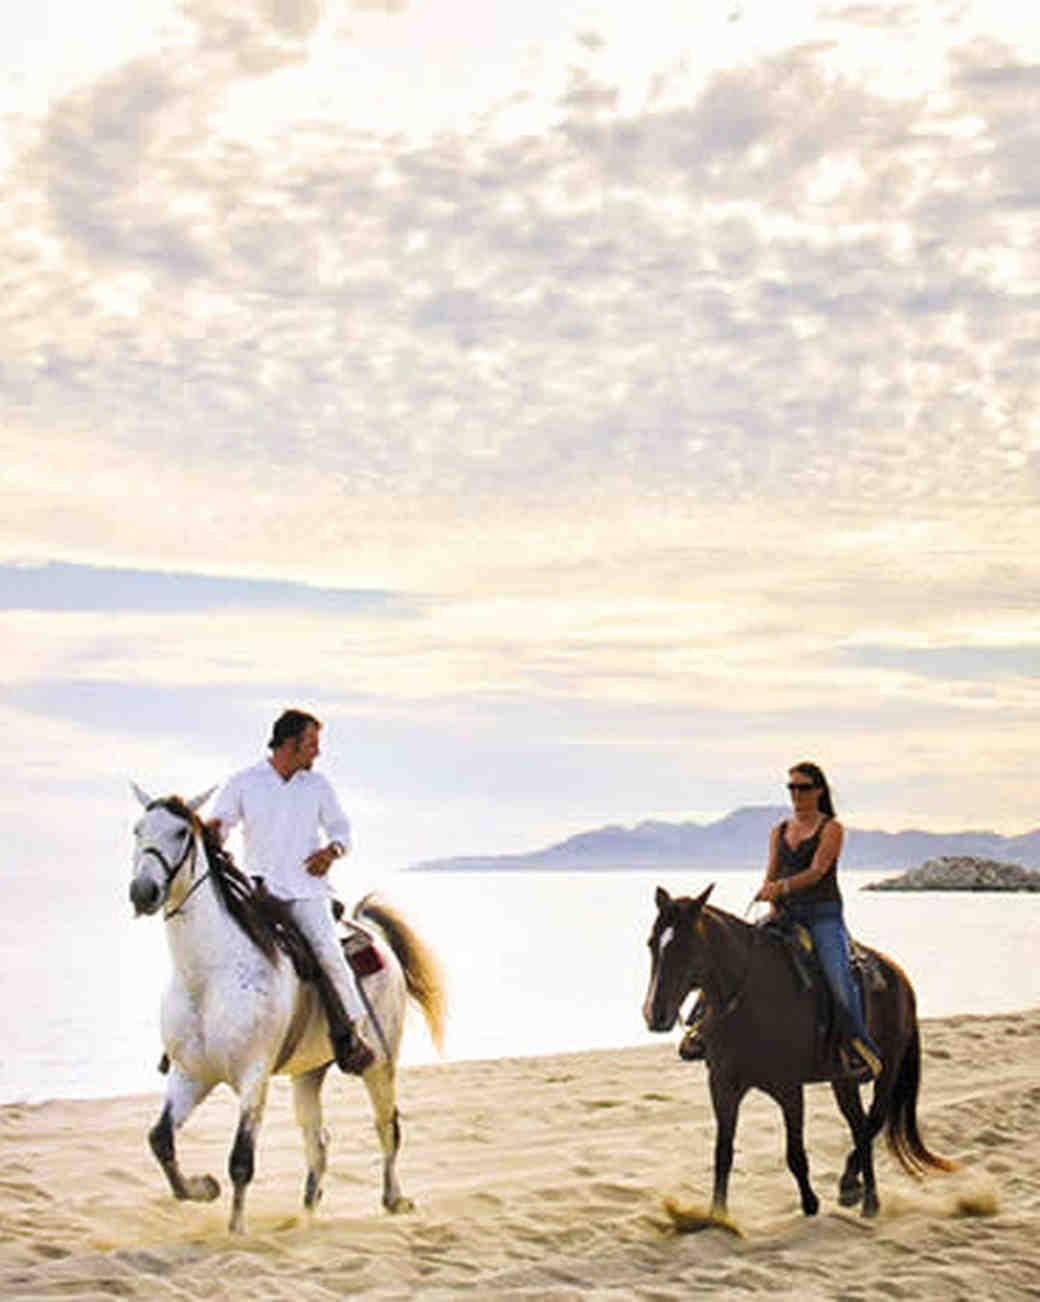 horses running along beach